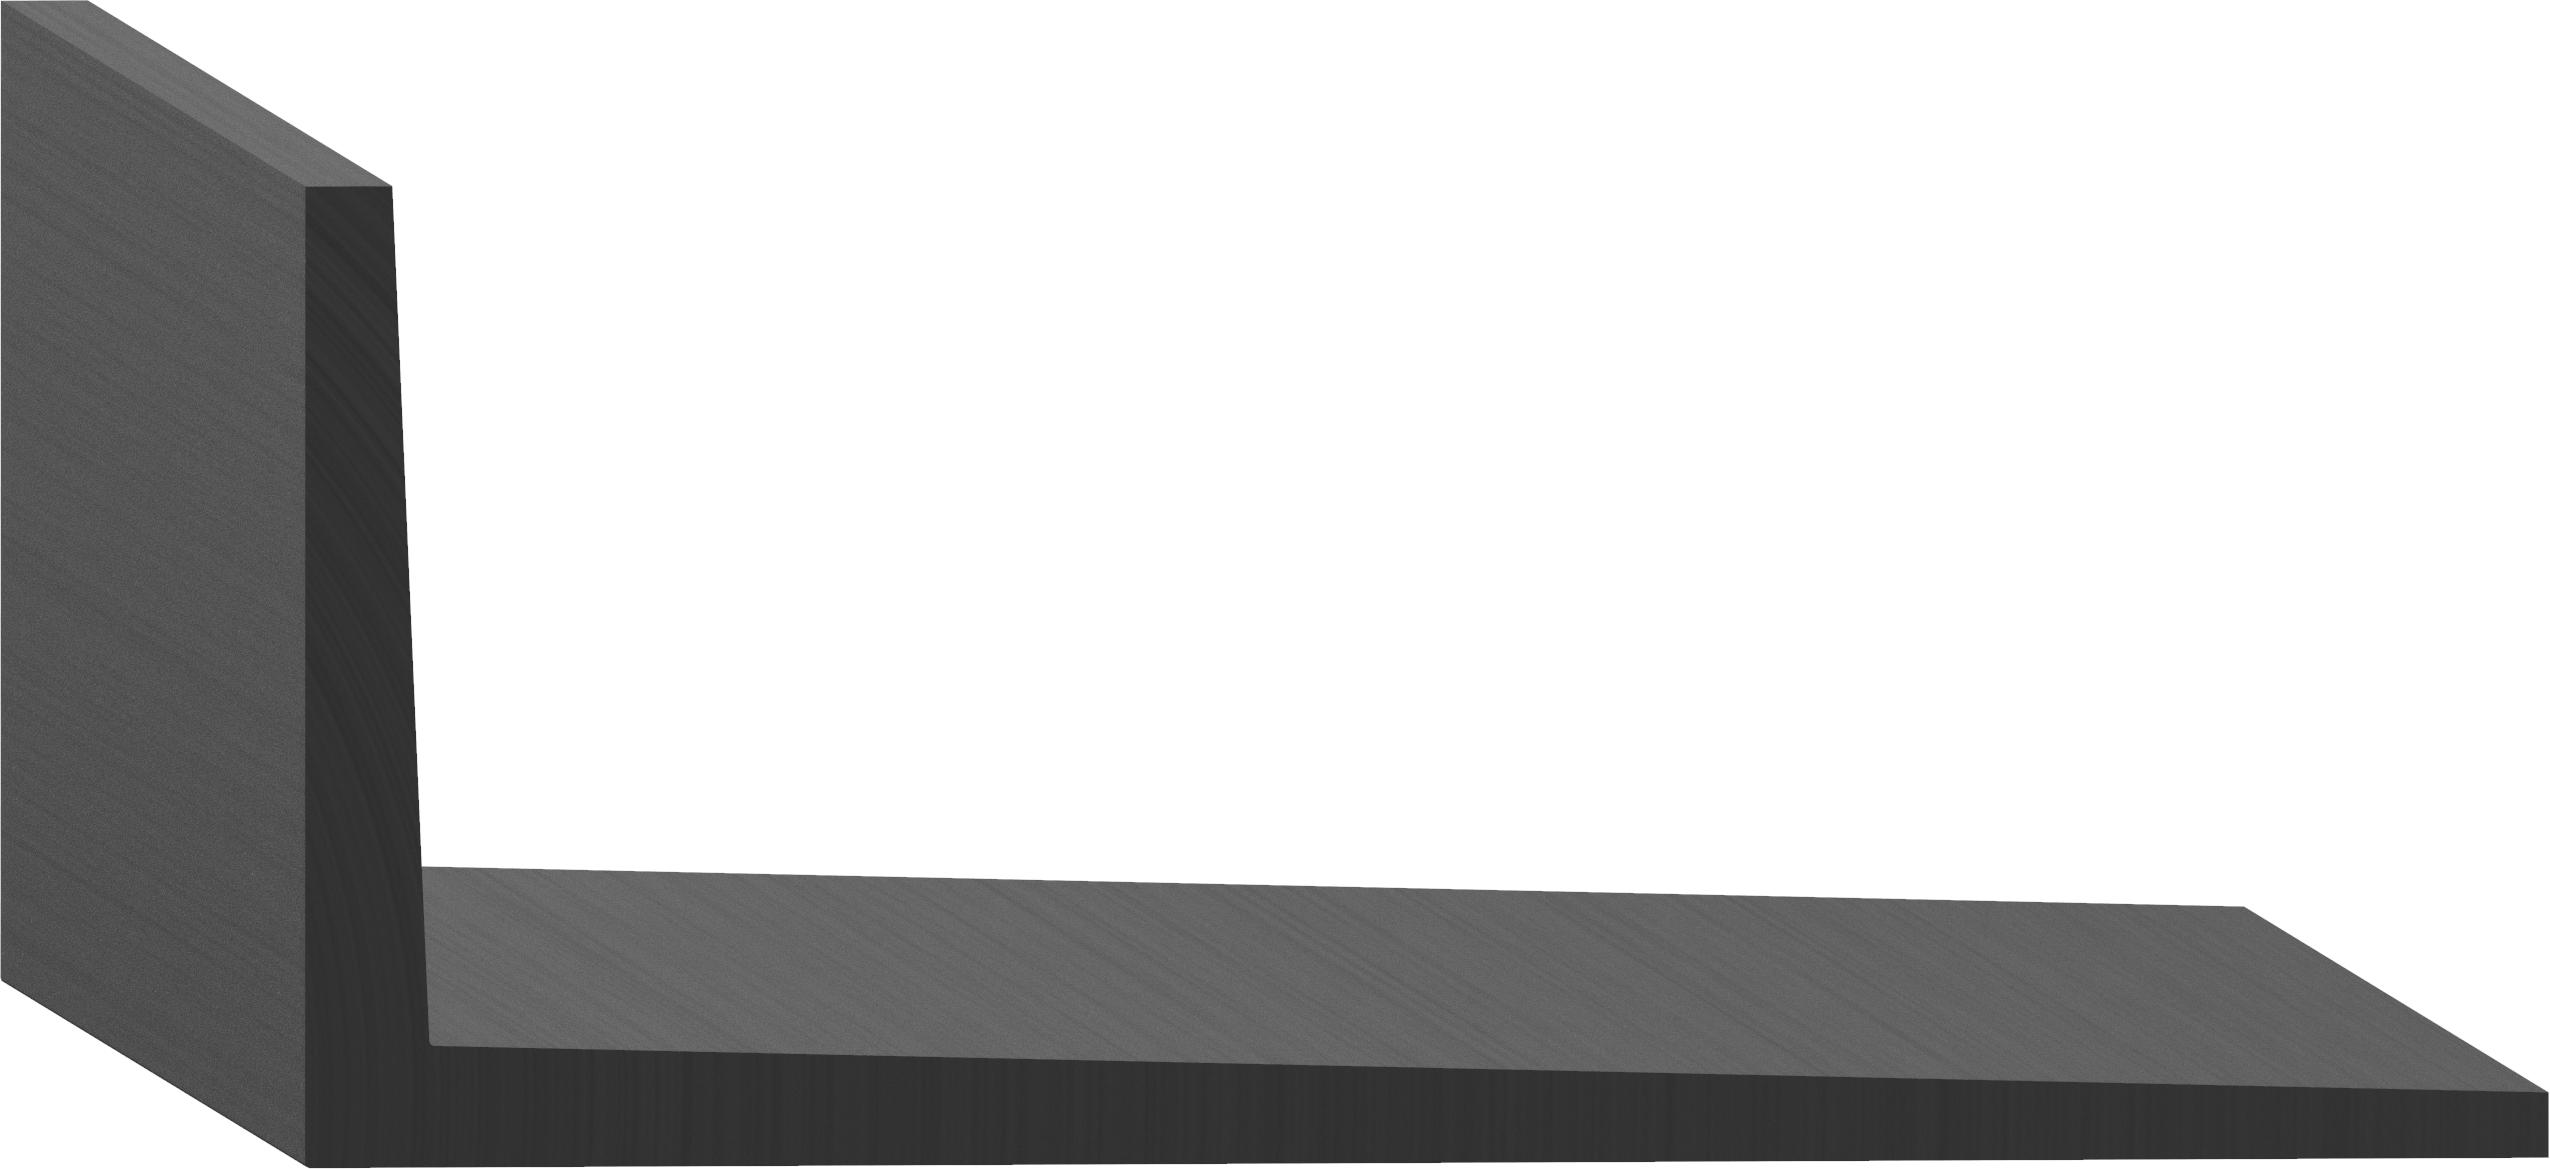 Uni-Grip part: SD-337-5